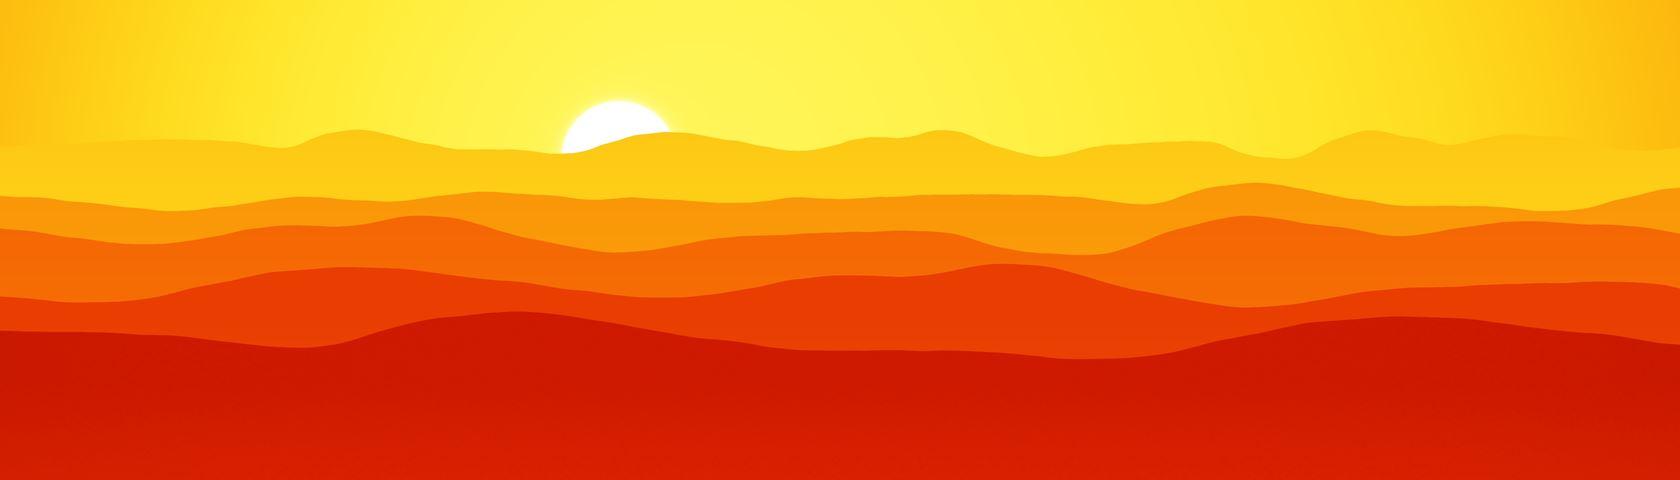 Mountains (Orange)